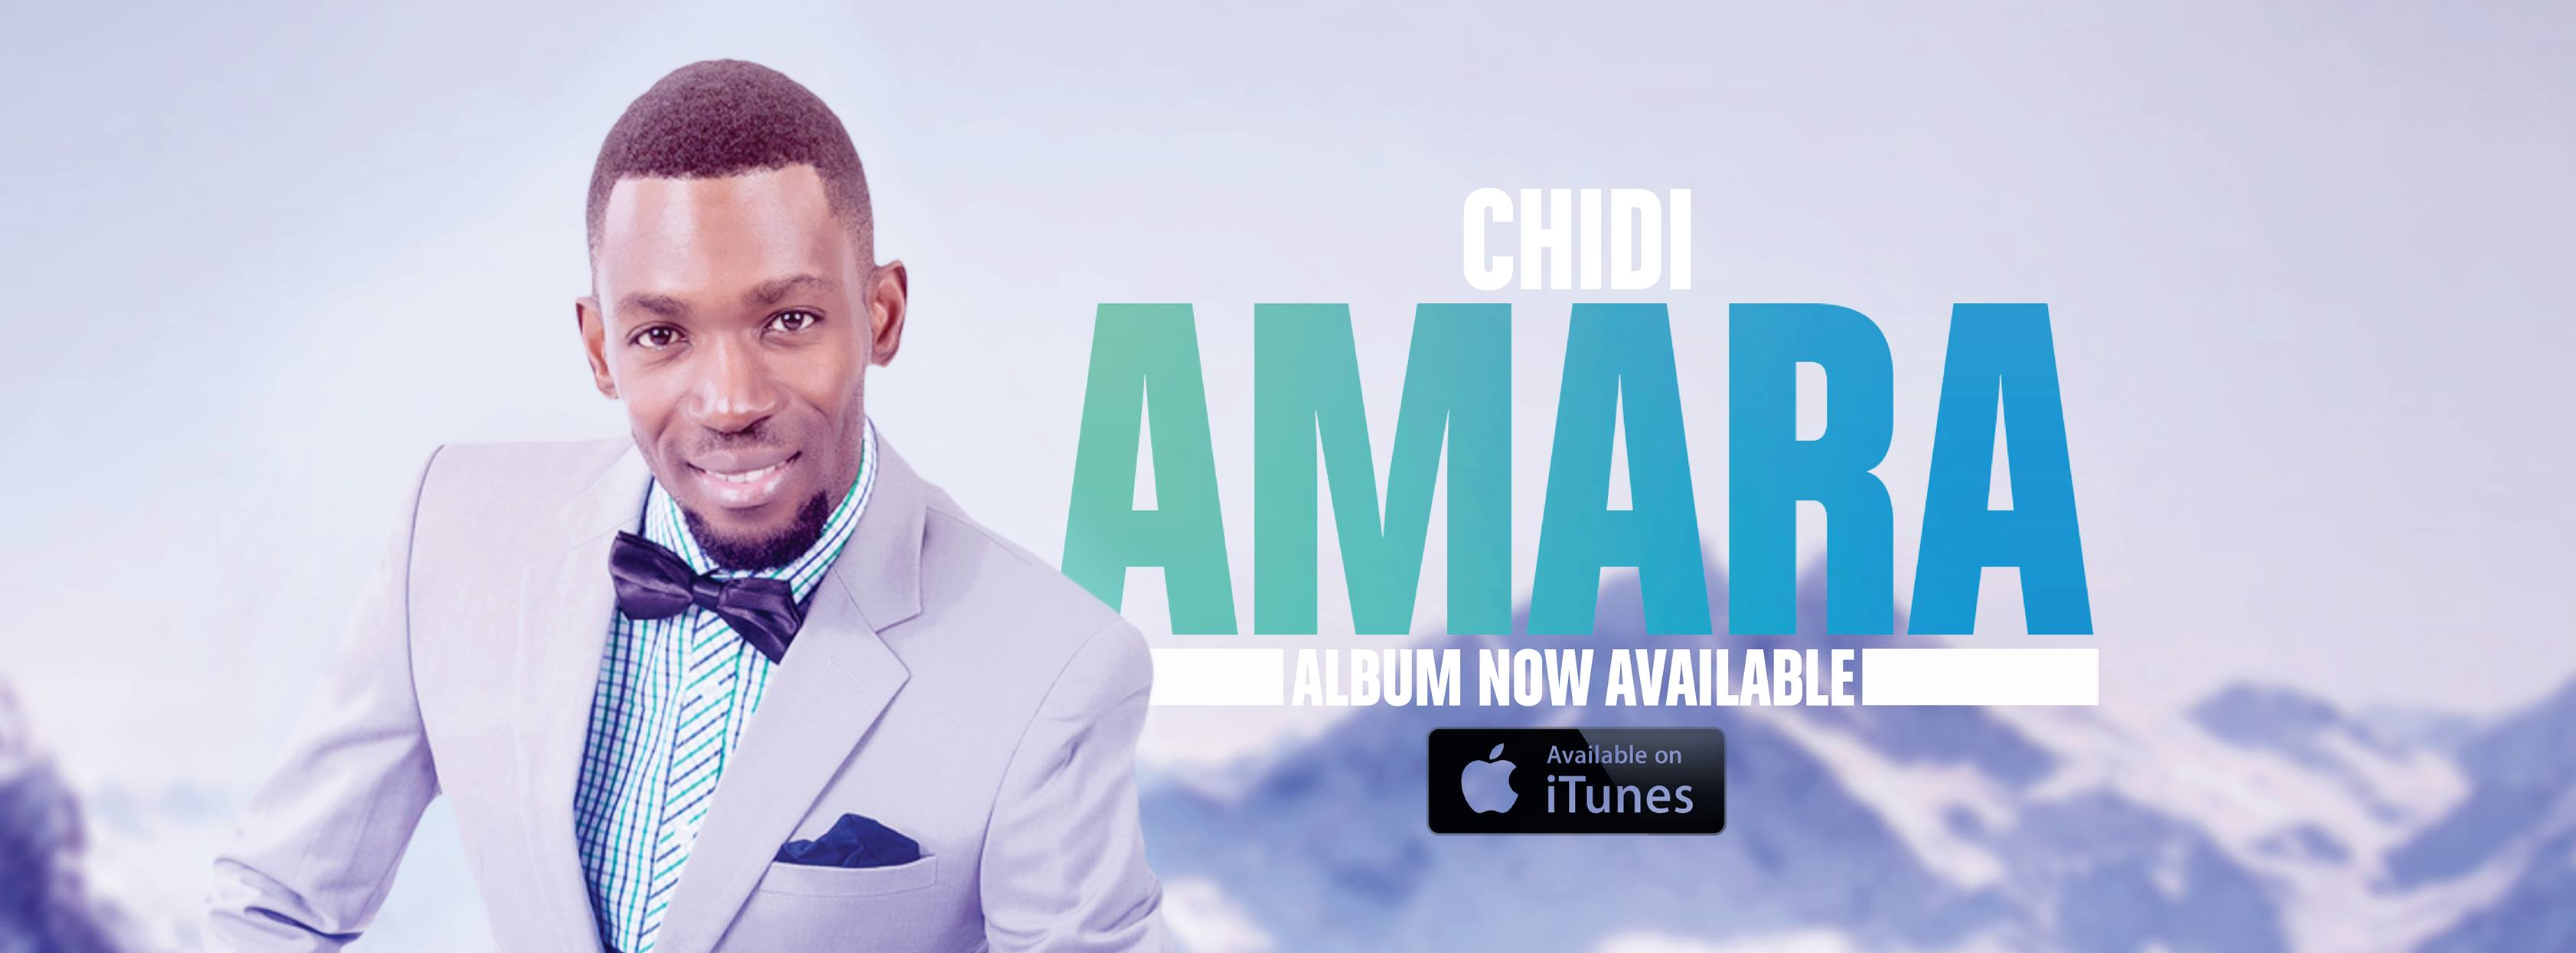 Amara by Chidi Ani - Christian Mail